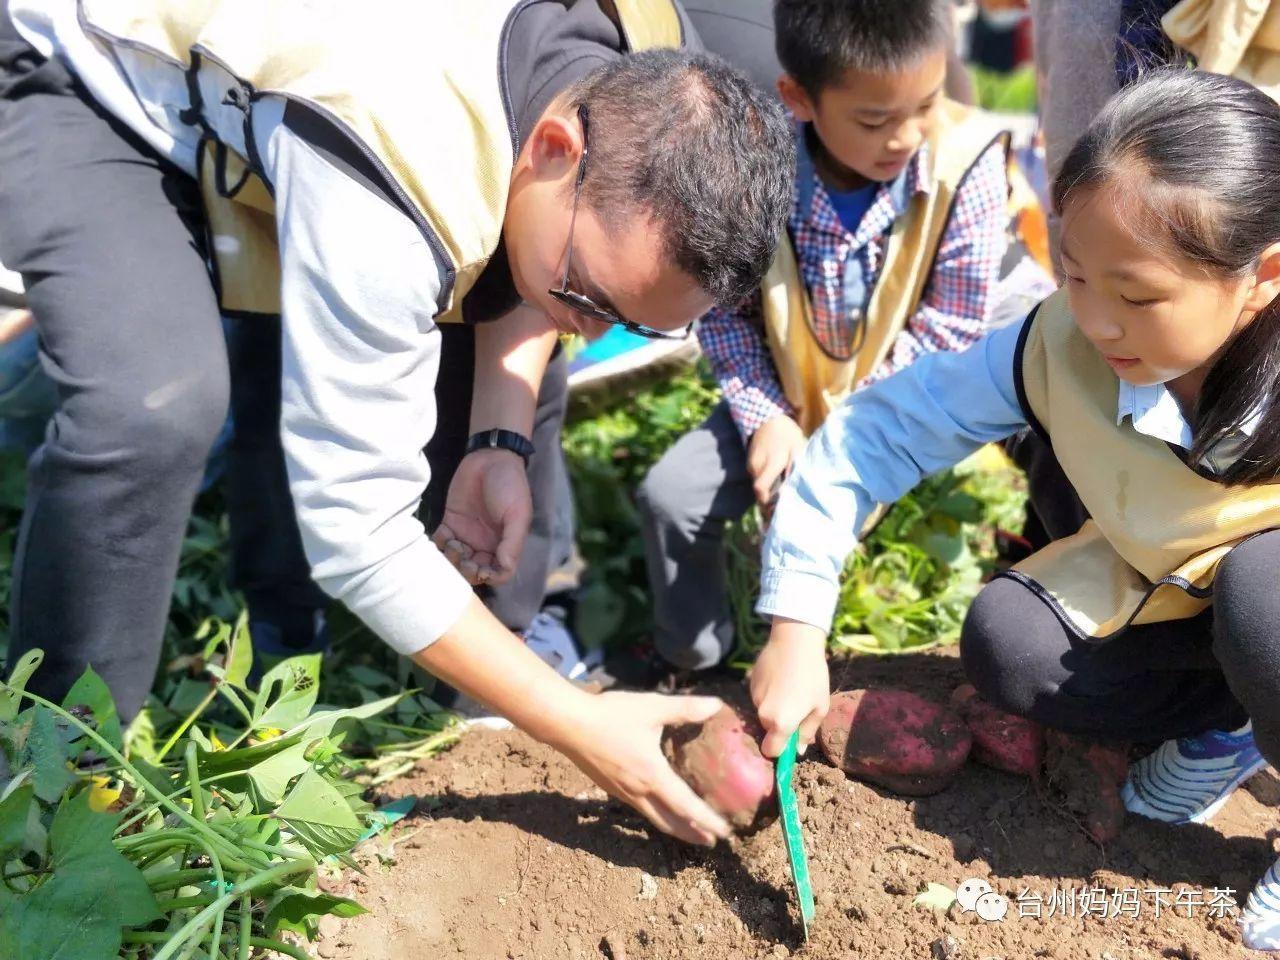 番薯学院_(www.fanshuxueyuan.com)_教育考试_三九网站目录